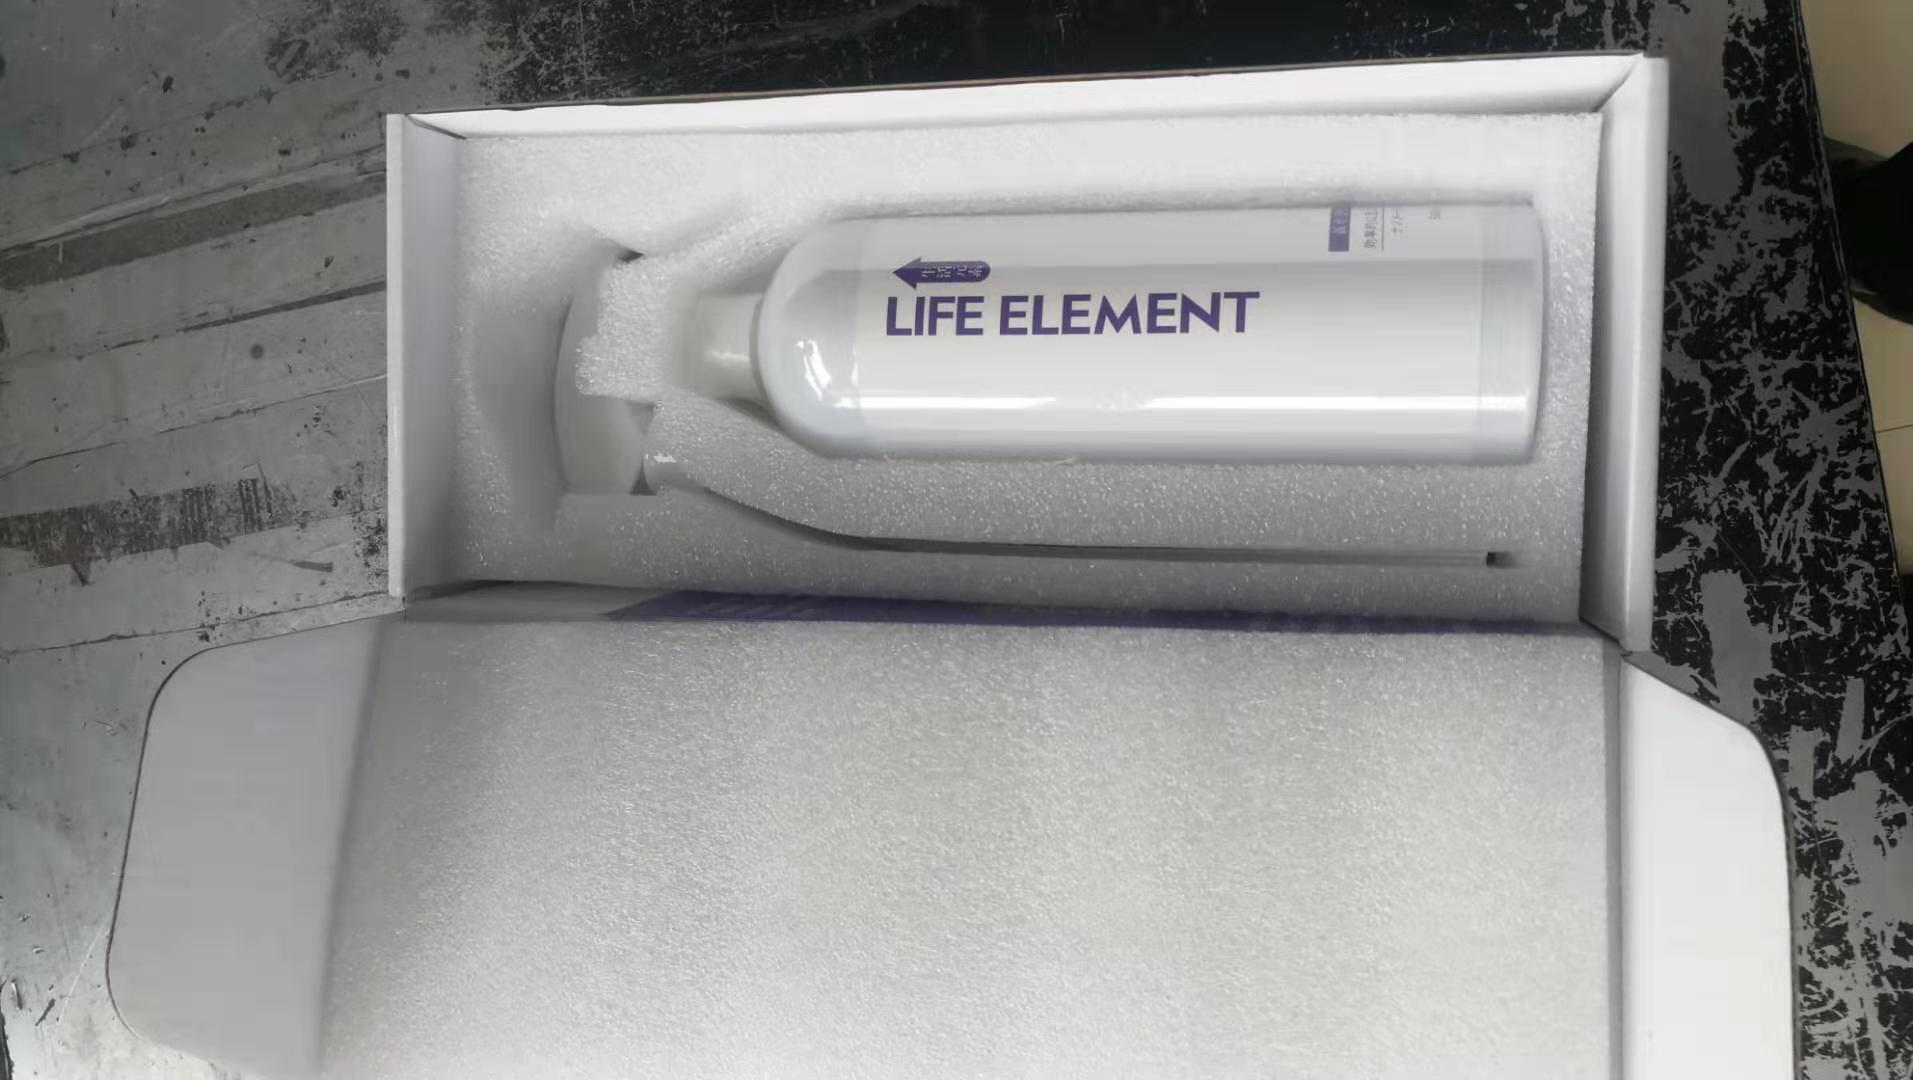 送了刚换新车的朋友LIFE ELEMENT净化剂,能除甲醛去异味,看着相当正规